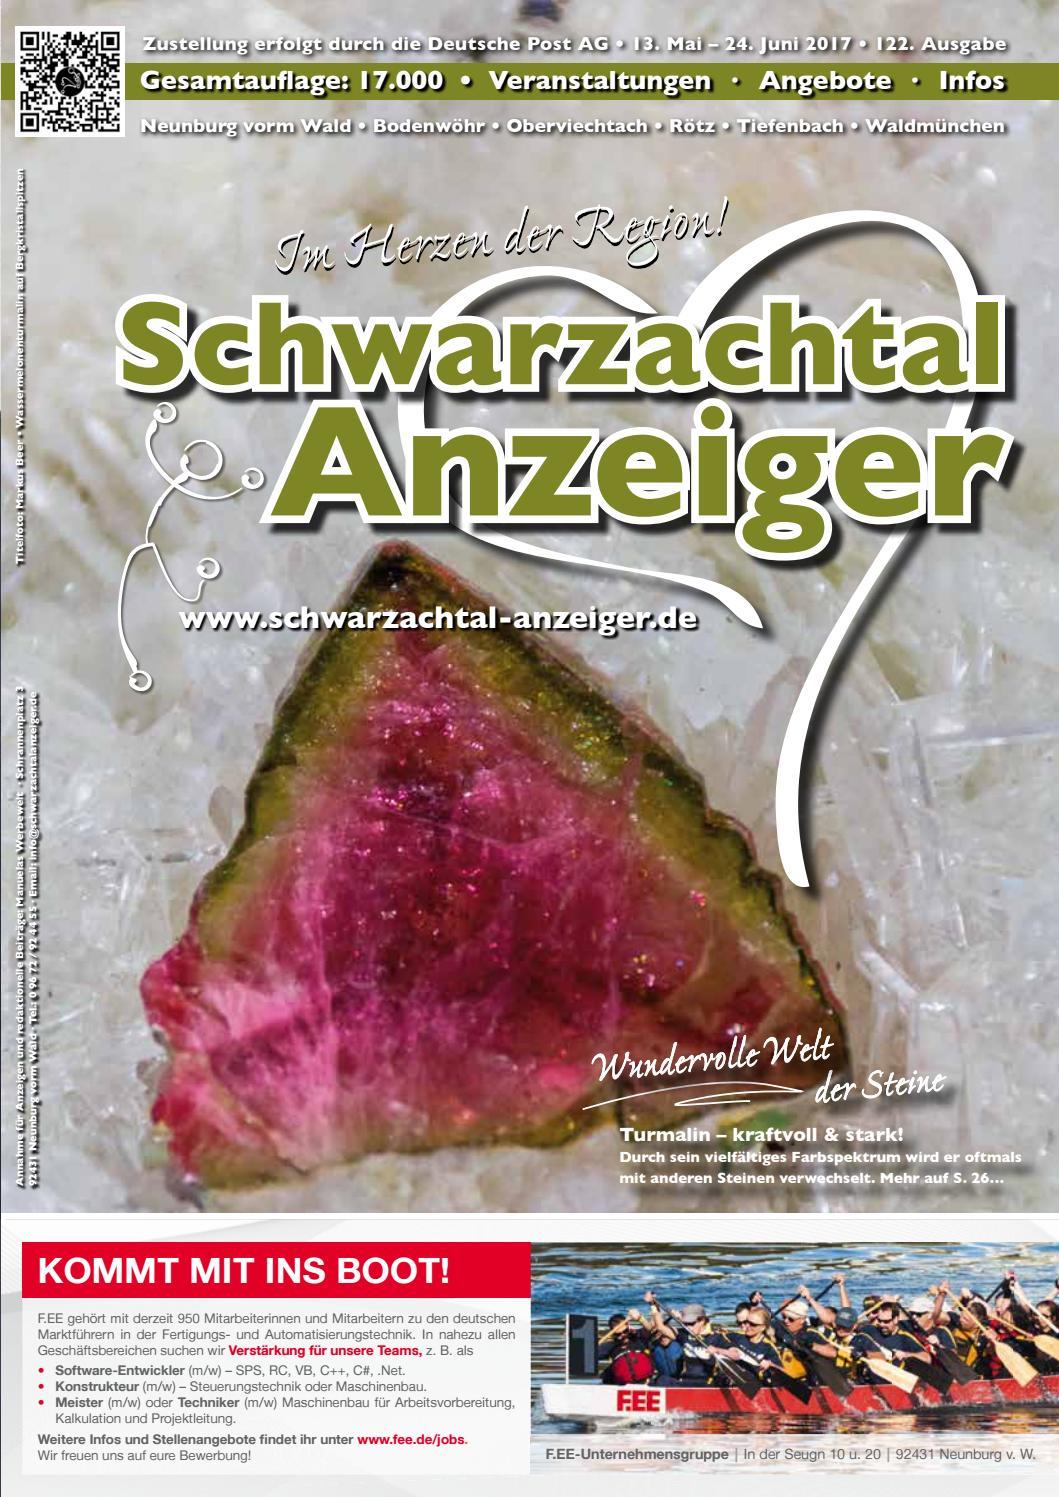 Schwarzachtalanzeiger Mai/Juni 2017 by Manu Mww - issuu